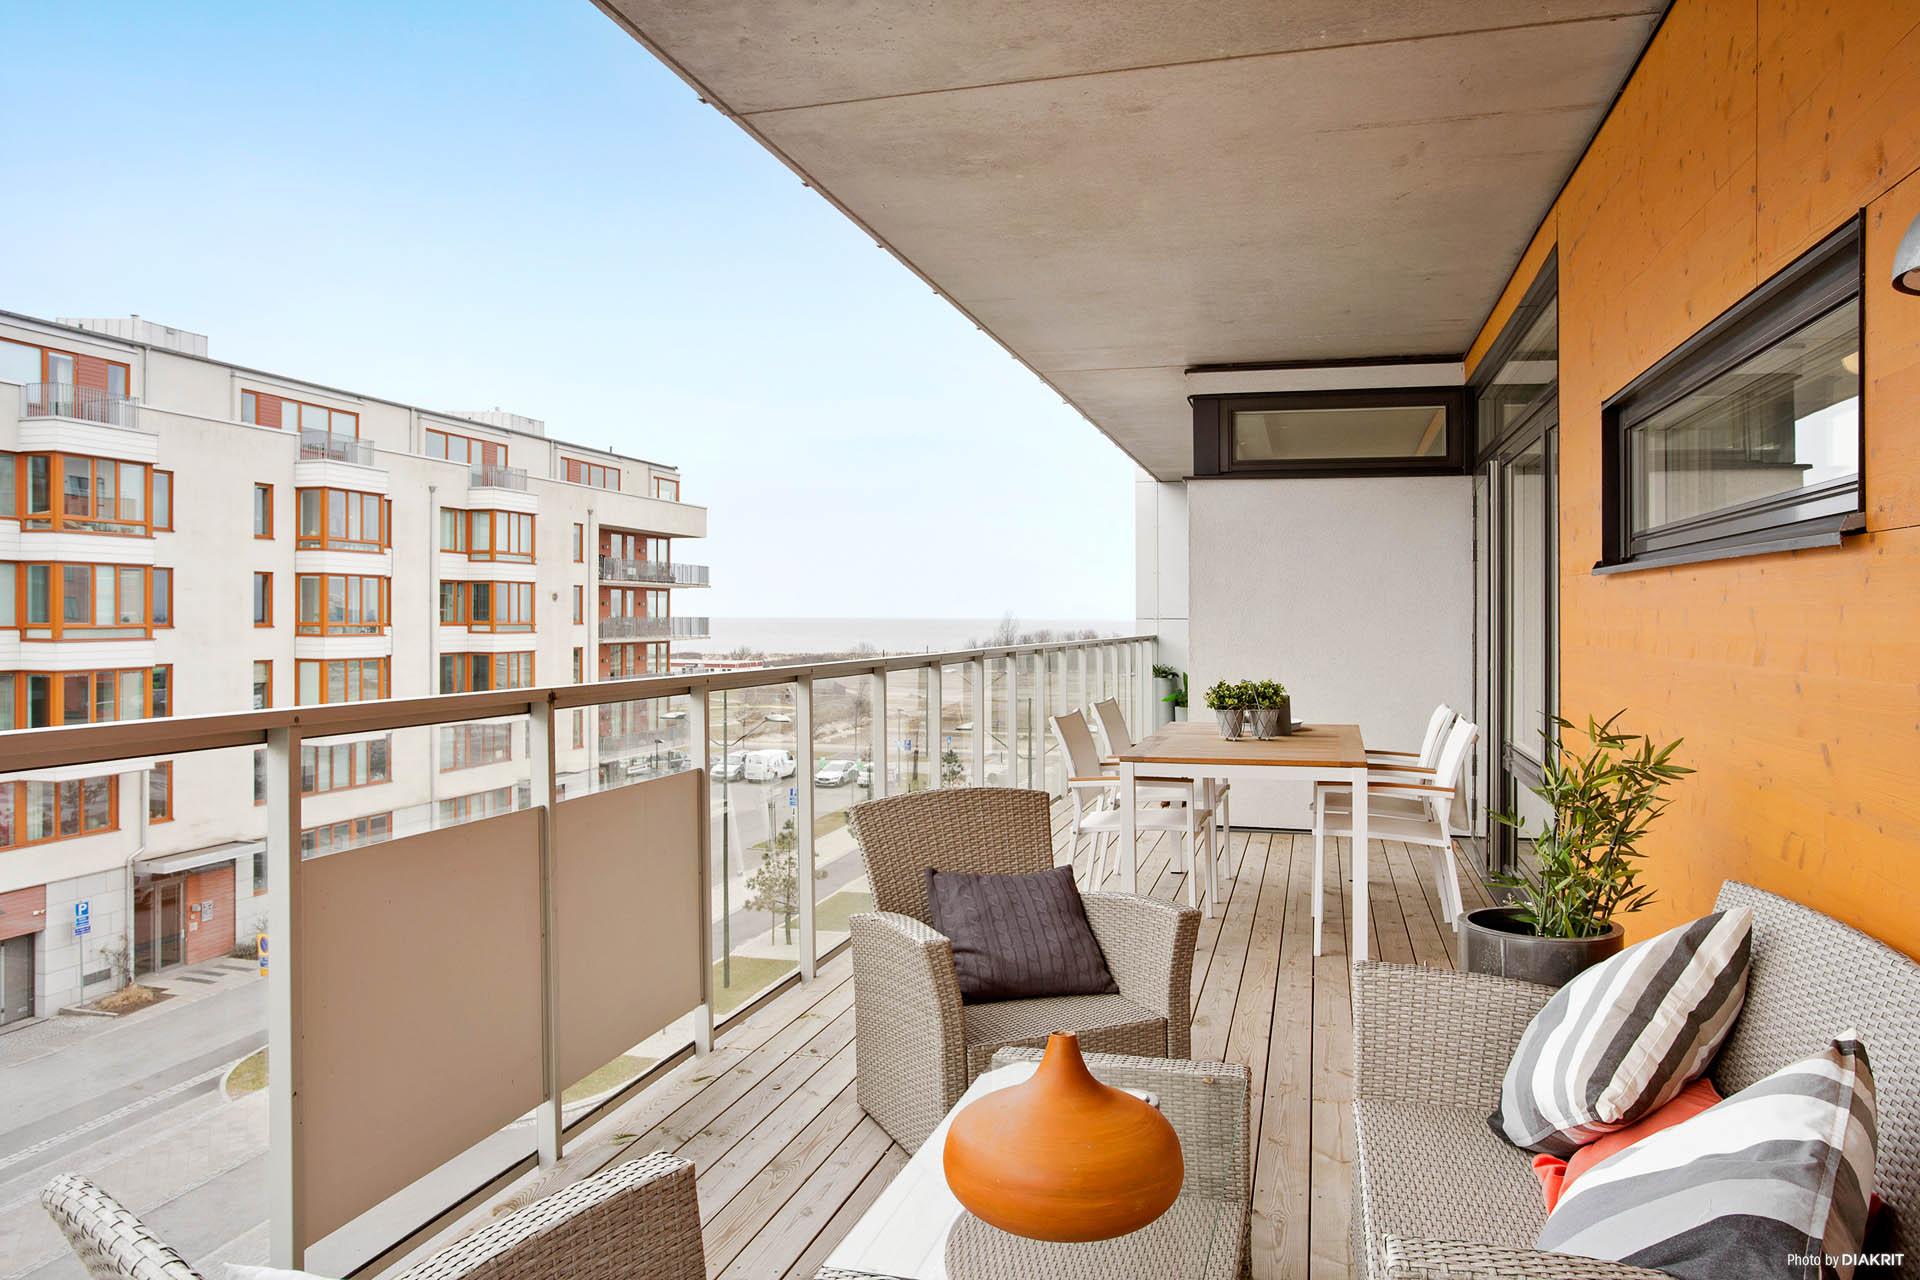 4 utgångar till balkonger i tre väderstreck